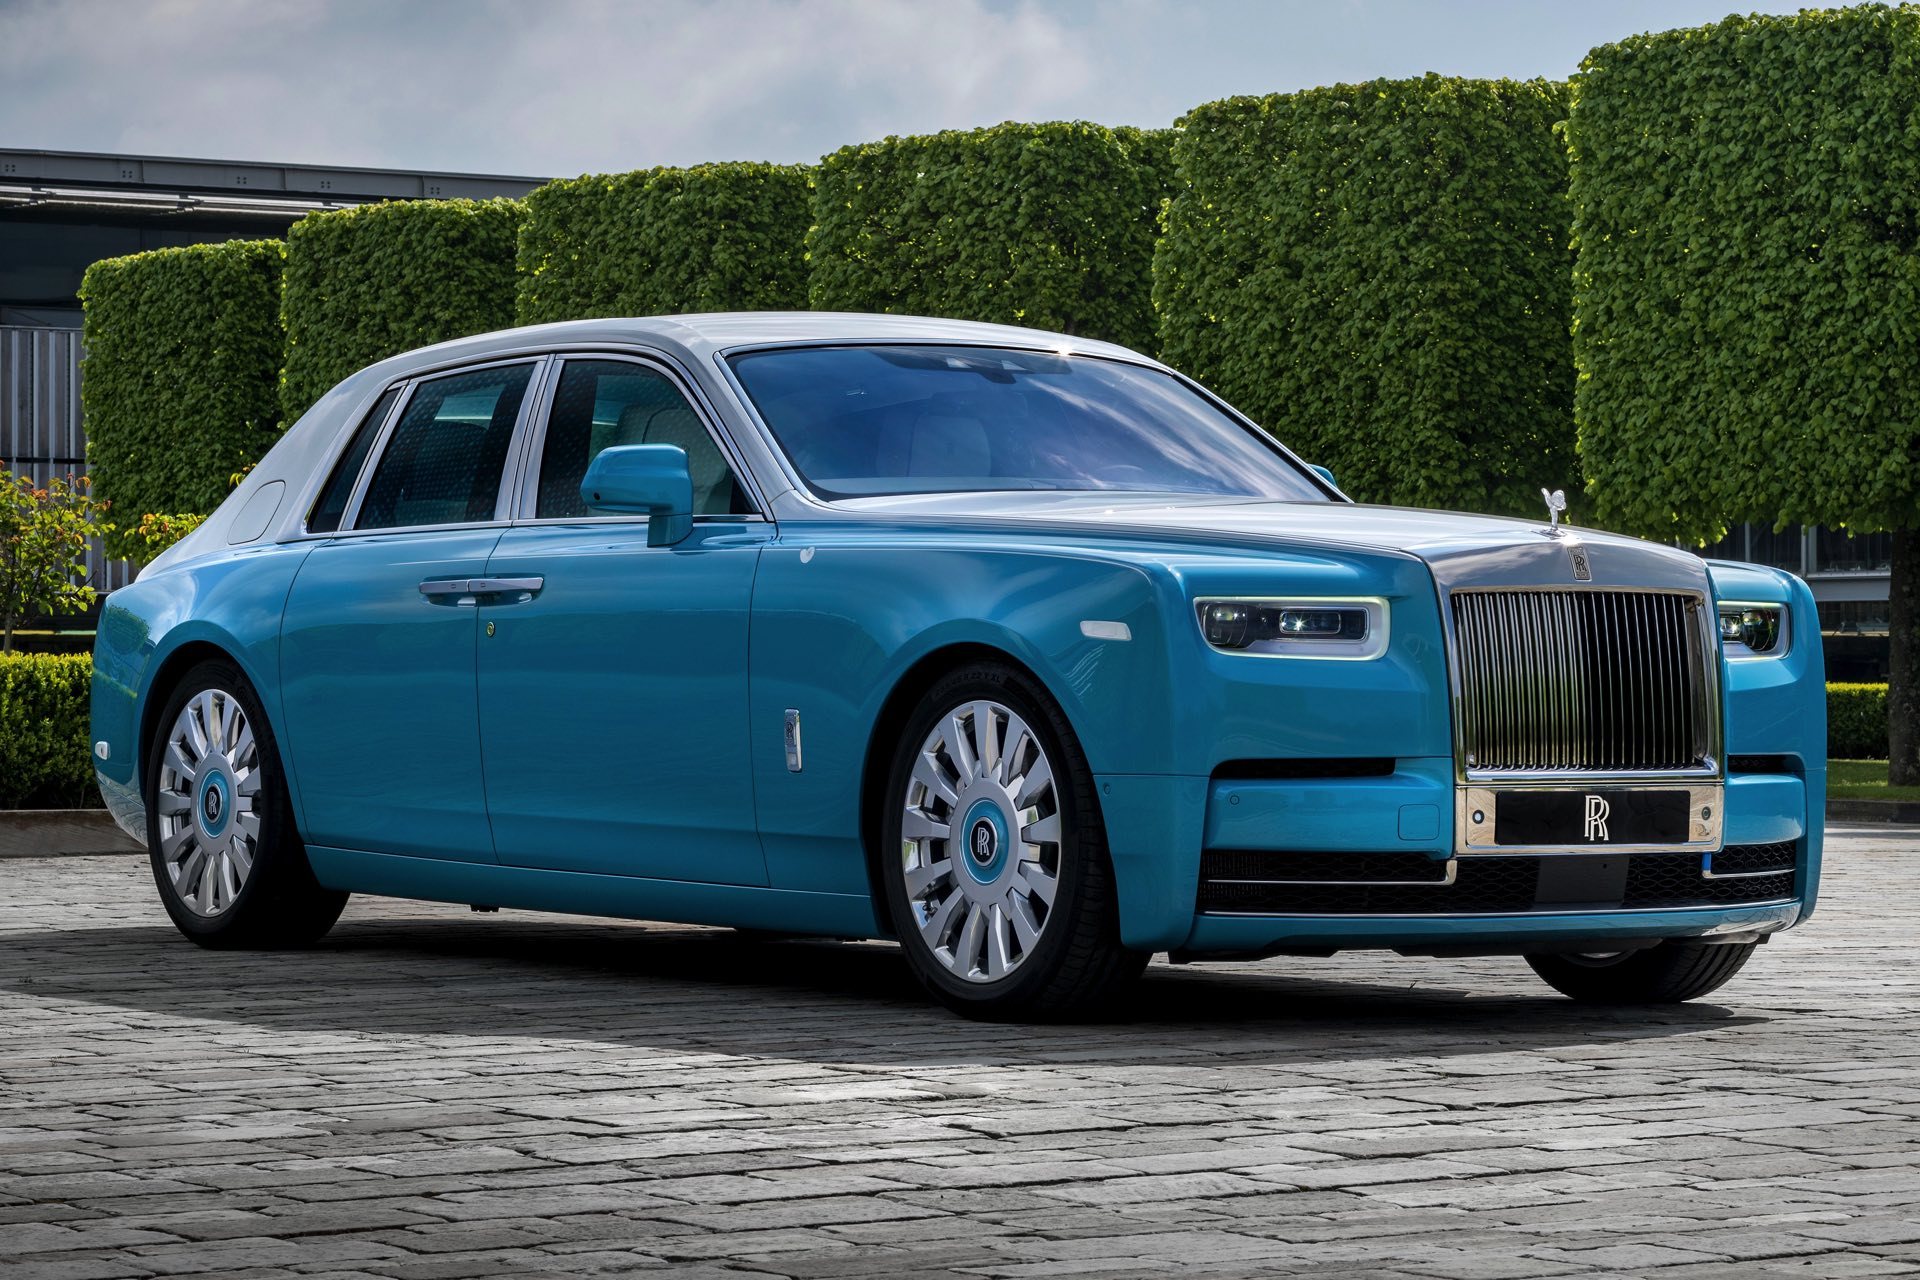 2020 Rolls Royce Phantoms Specs